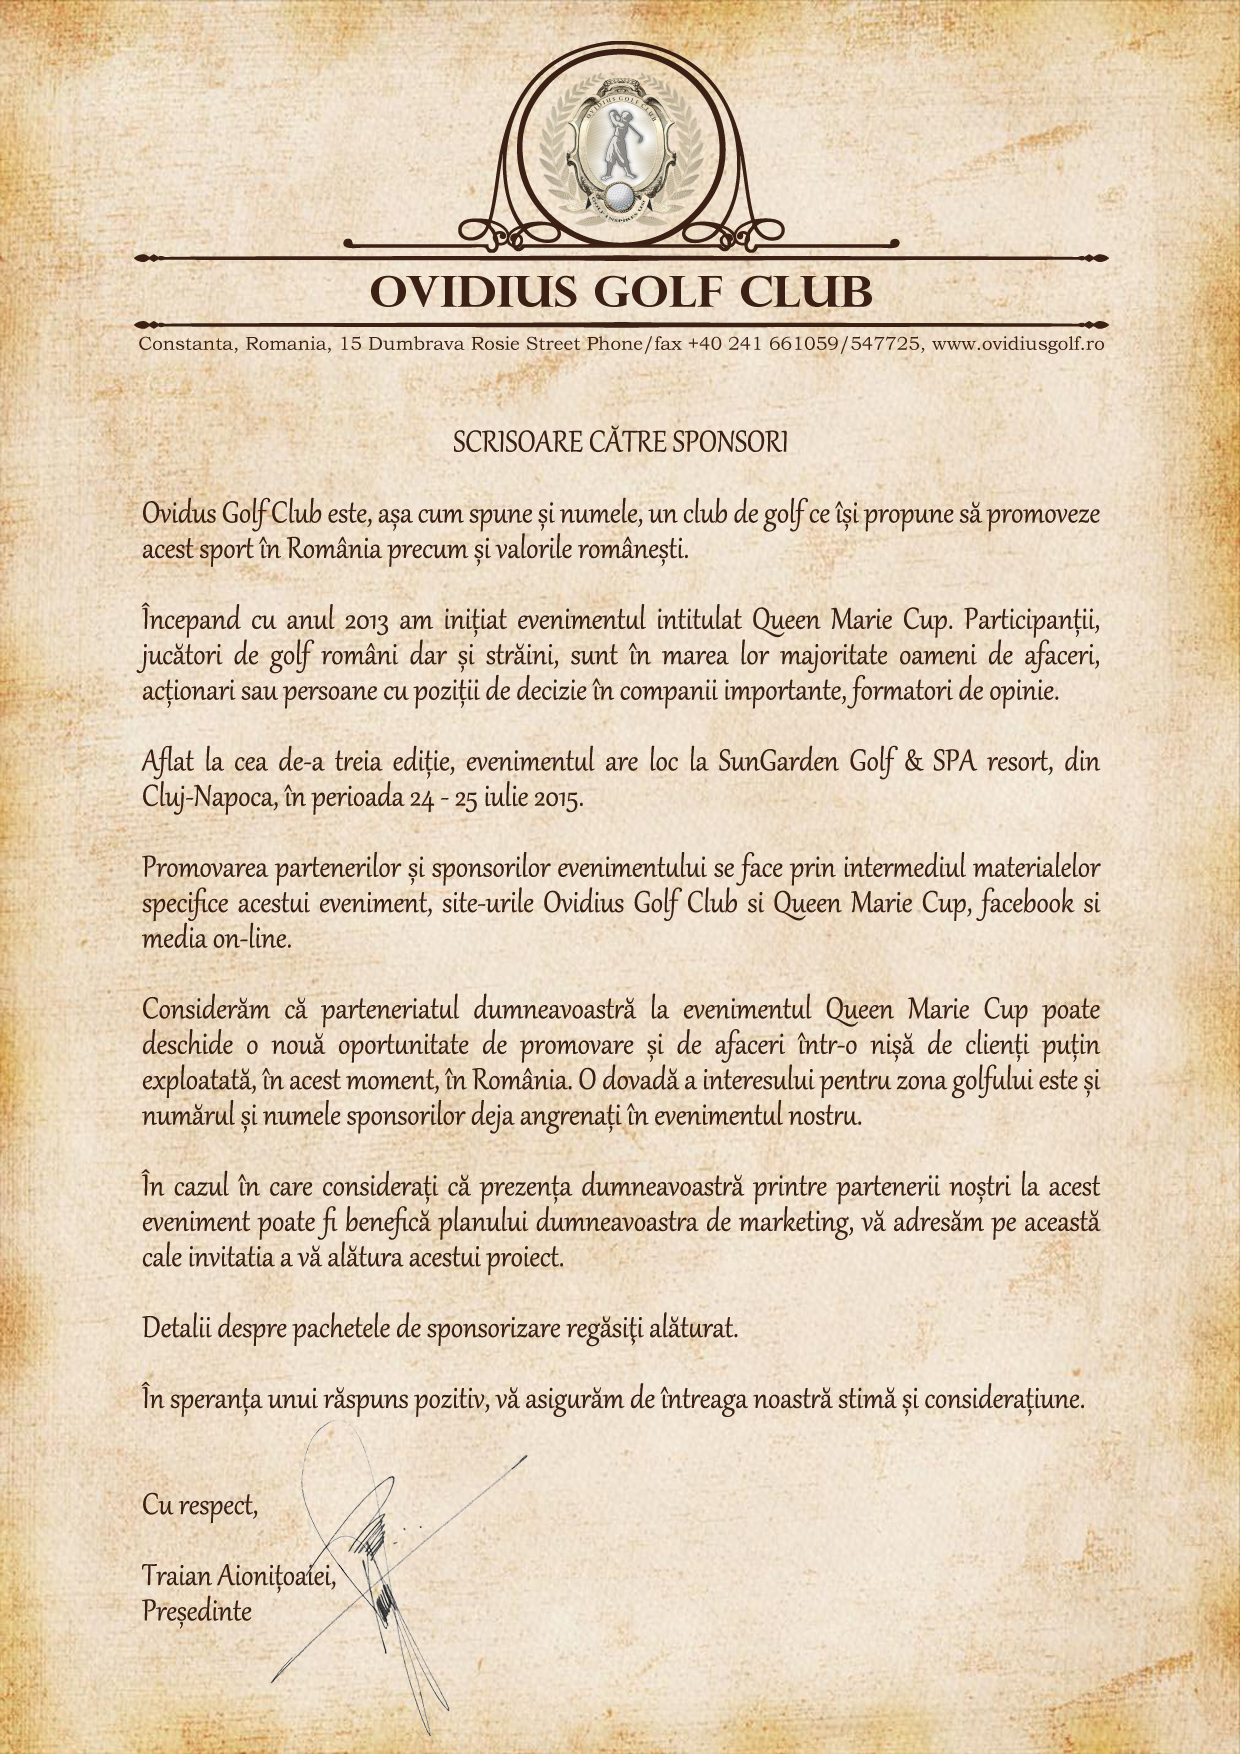 Scrisoare catre sponsori editia 2015 golf Queen Marie Cup